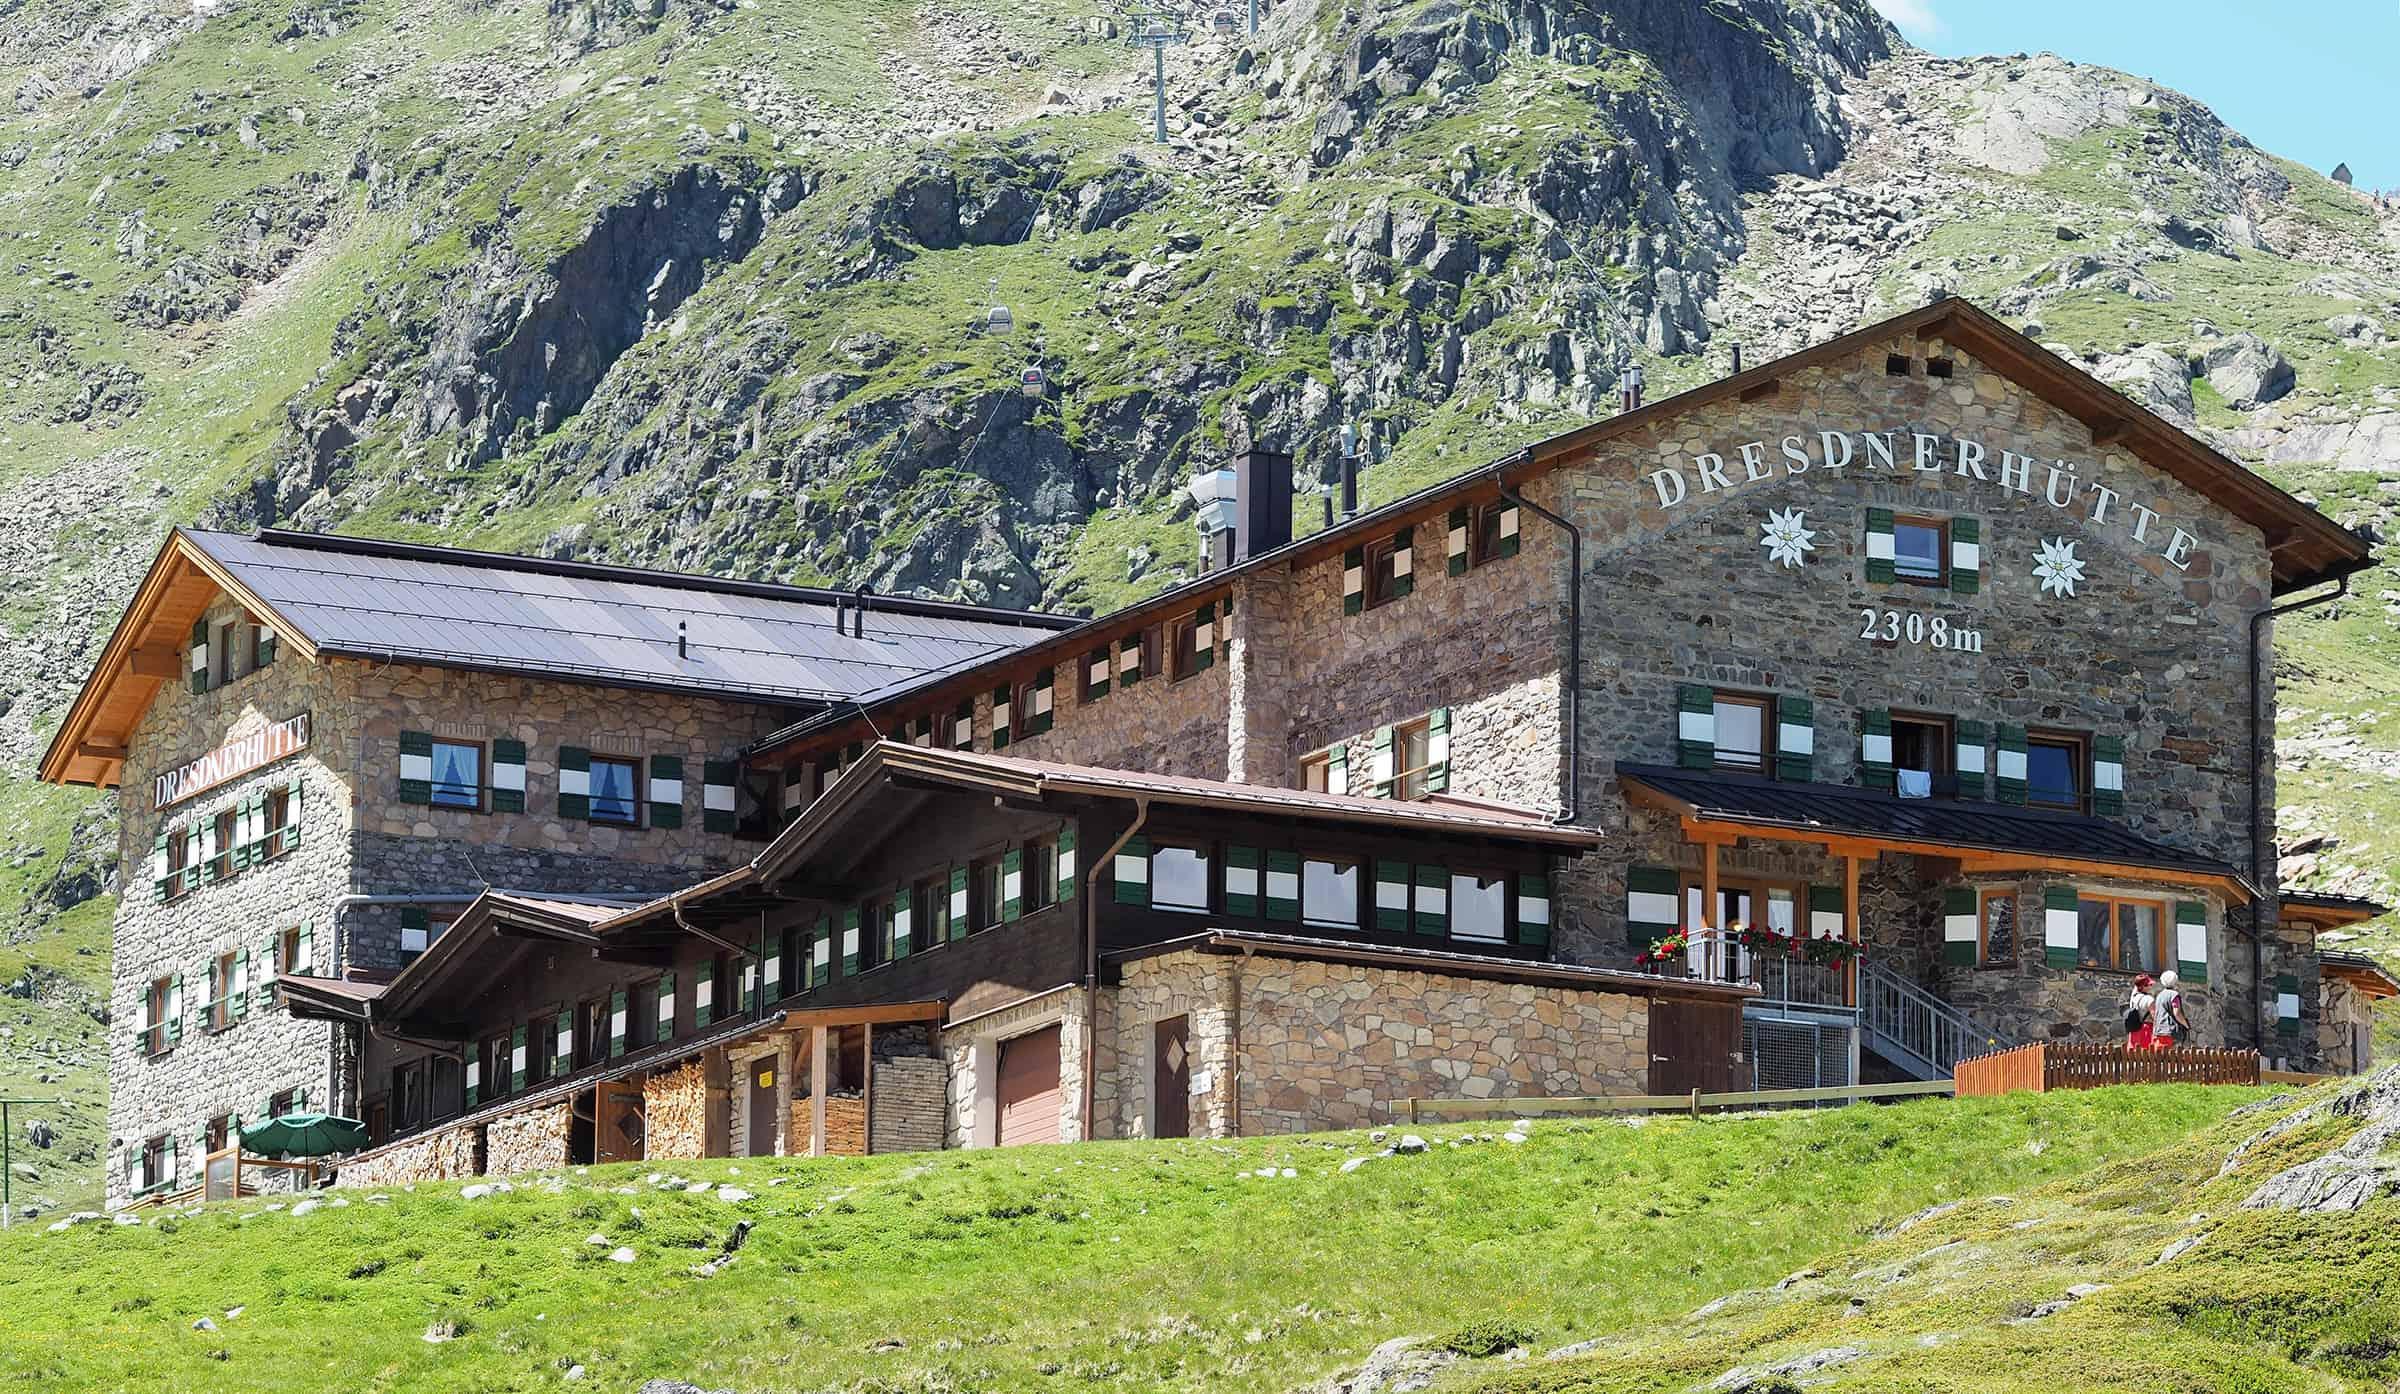 Dresdnerhutte op de Stubai Gletsjer